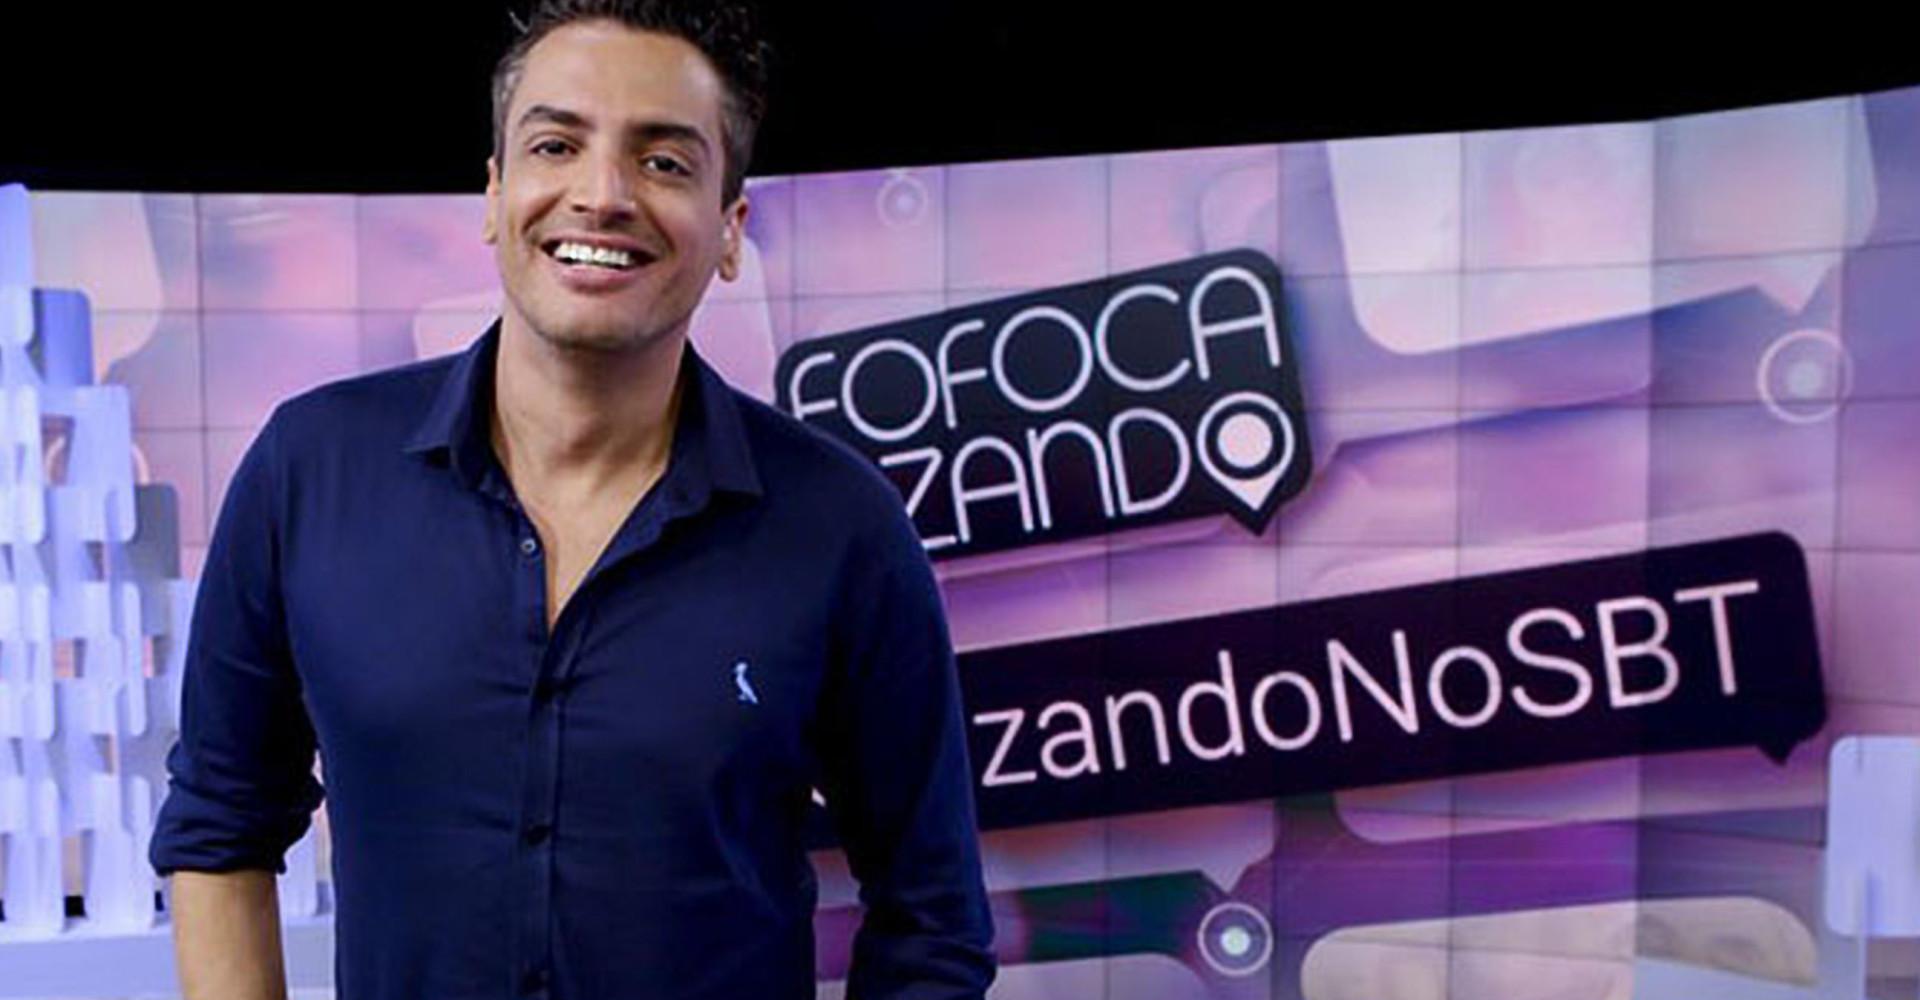 Chamado de 'drogado', Leo Dias diz que vai processar cantor Naldo